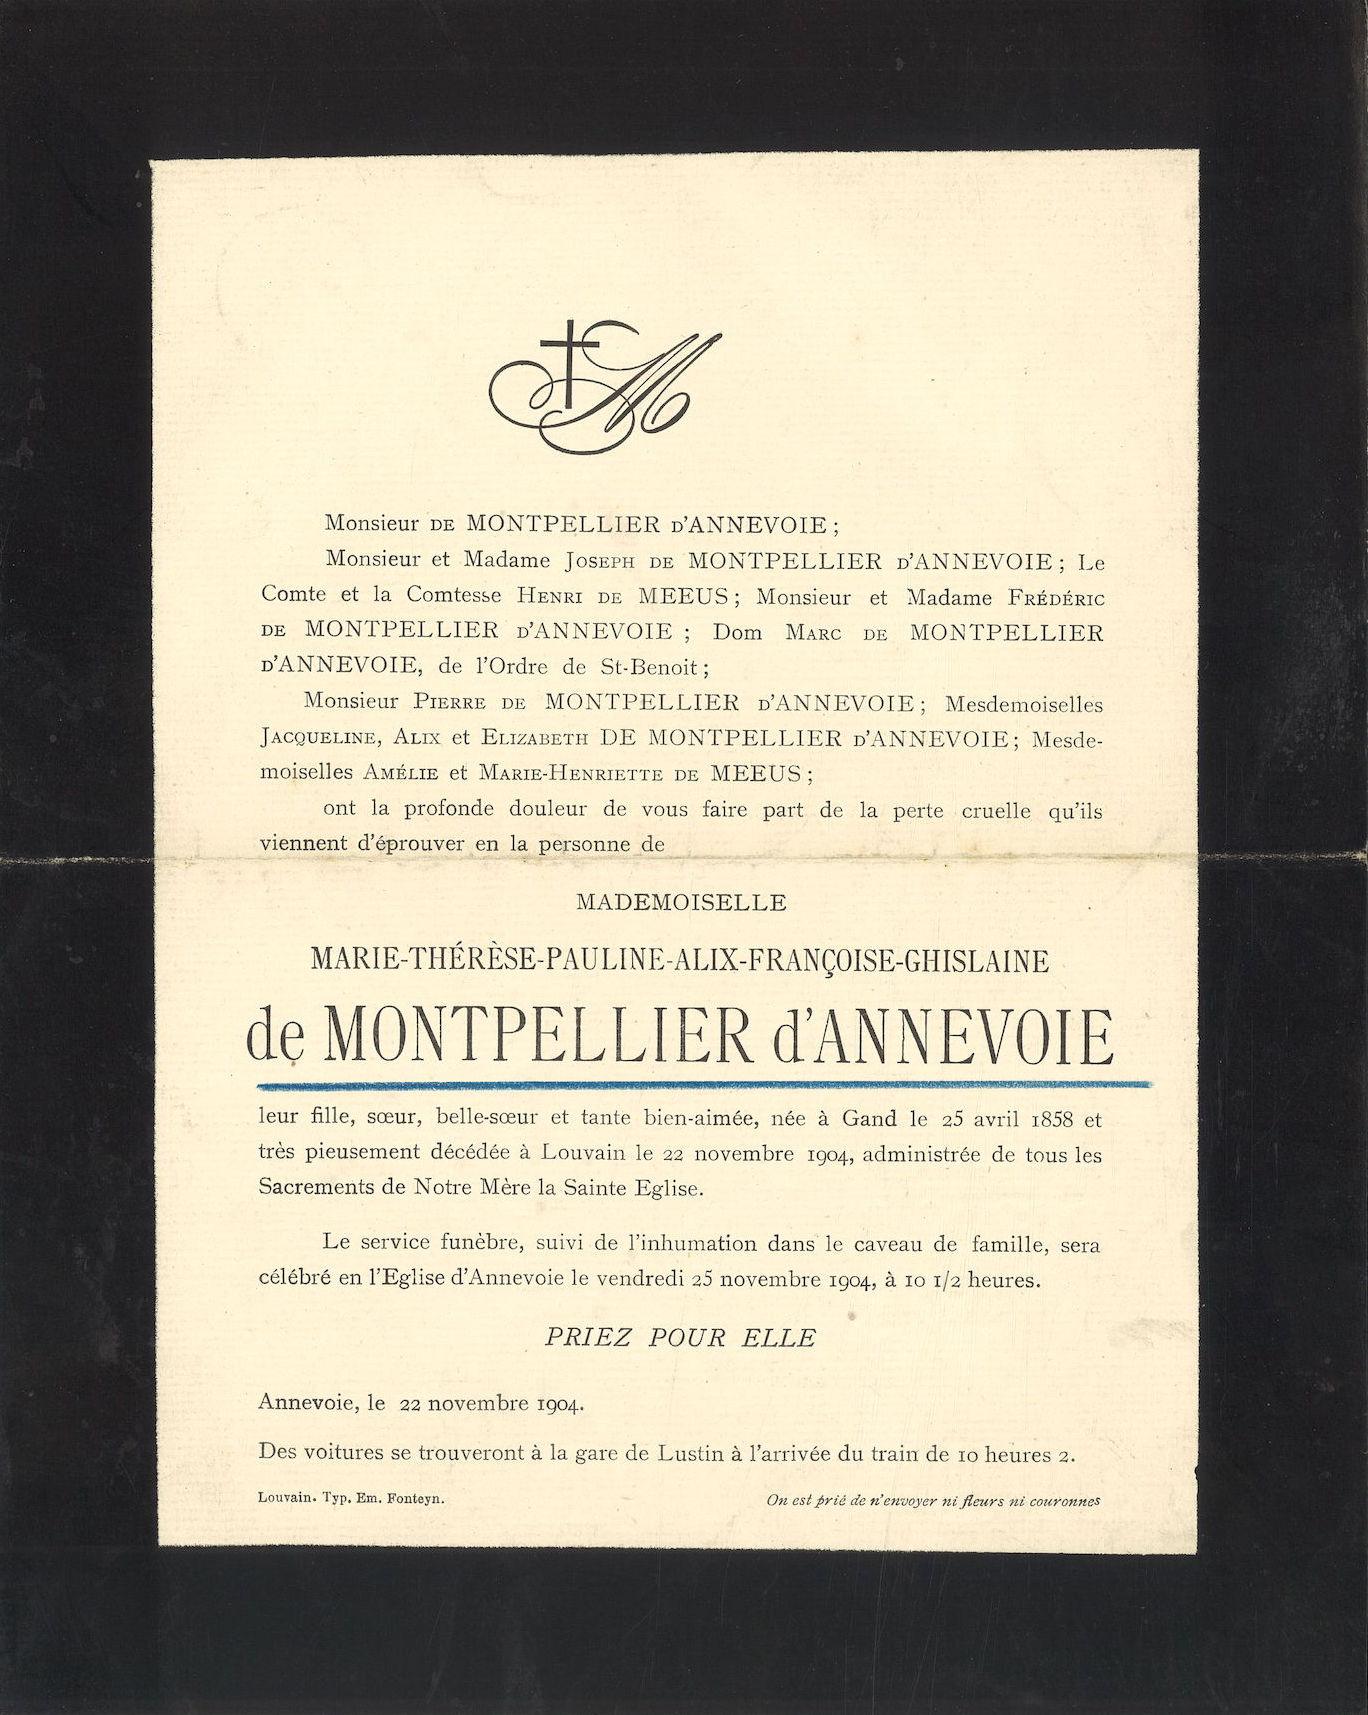 Marie-Thérèse-Pauline-Alix-Françoise-Ghislaine de Montpellier d' Annevoie